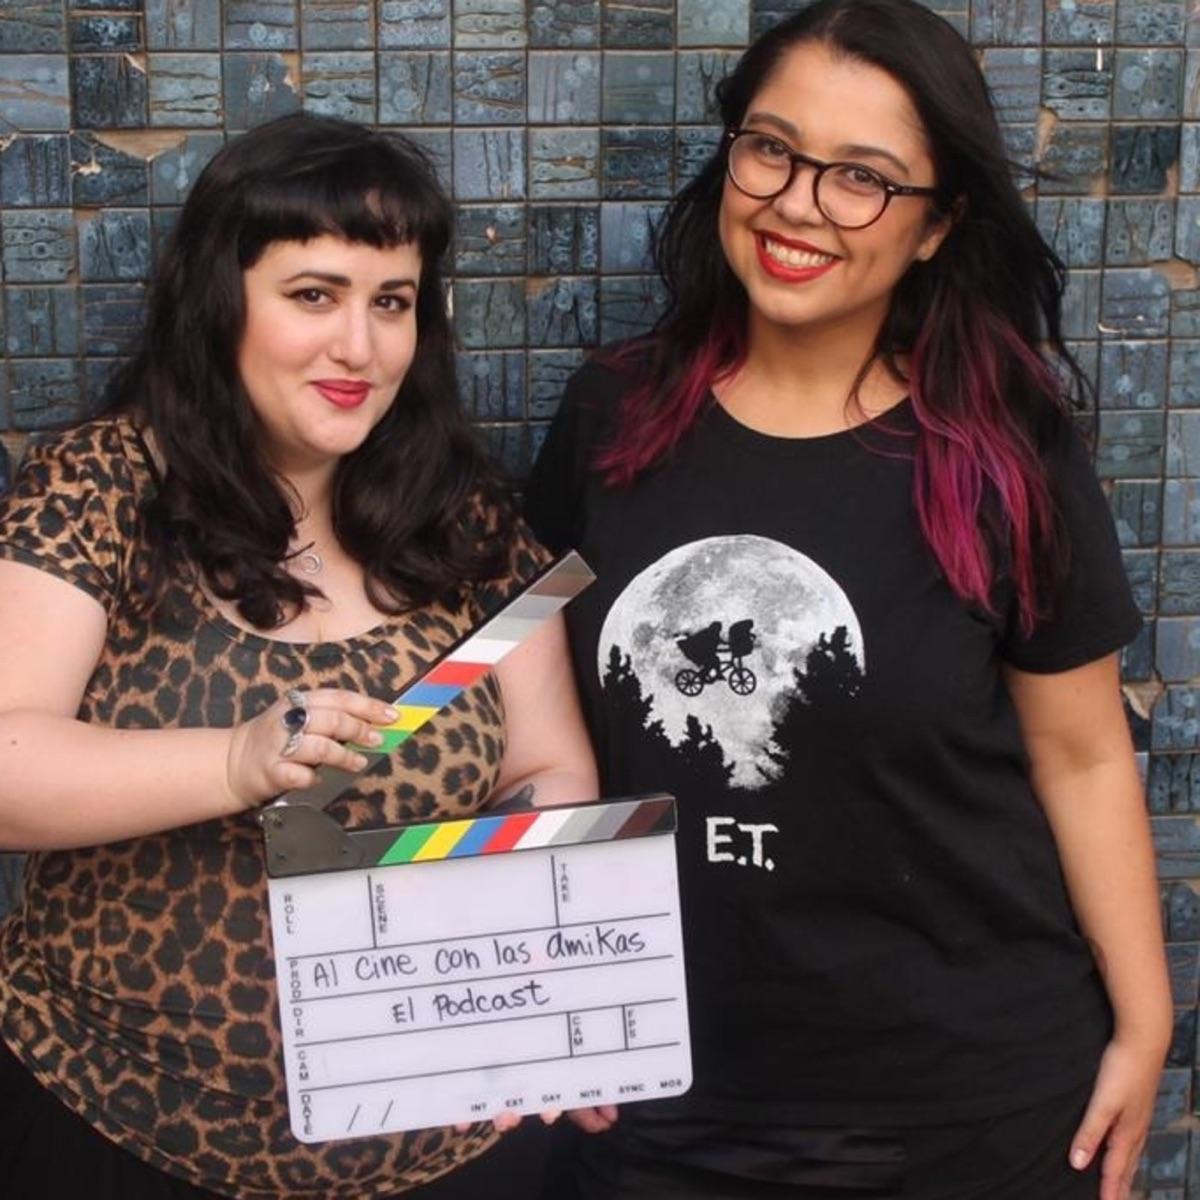 Al Cine con las Amikas: El Podcast